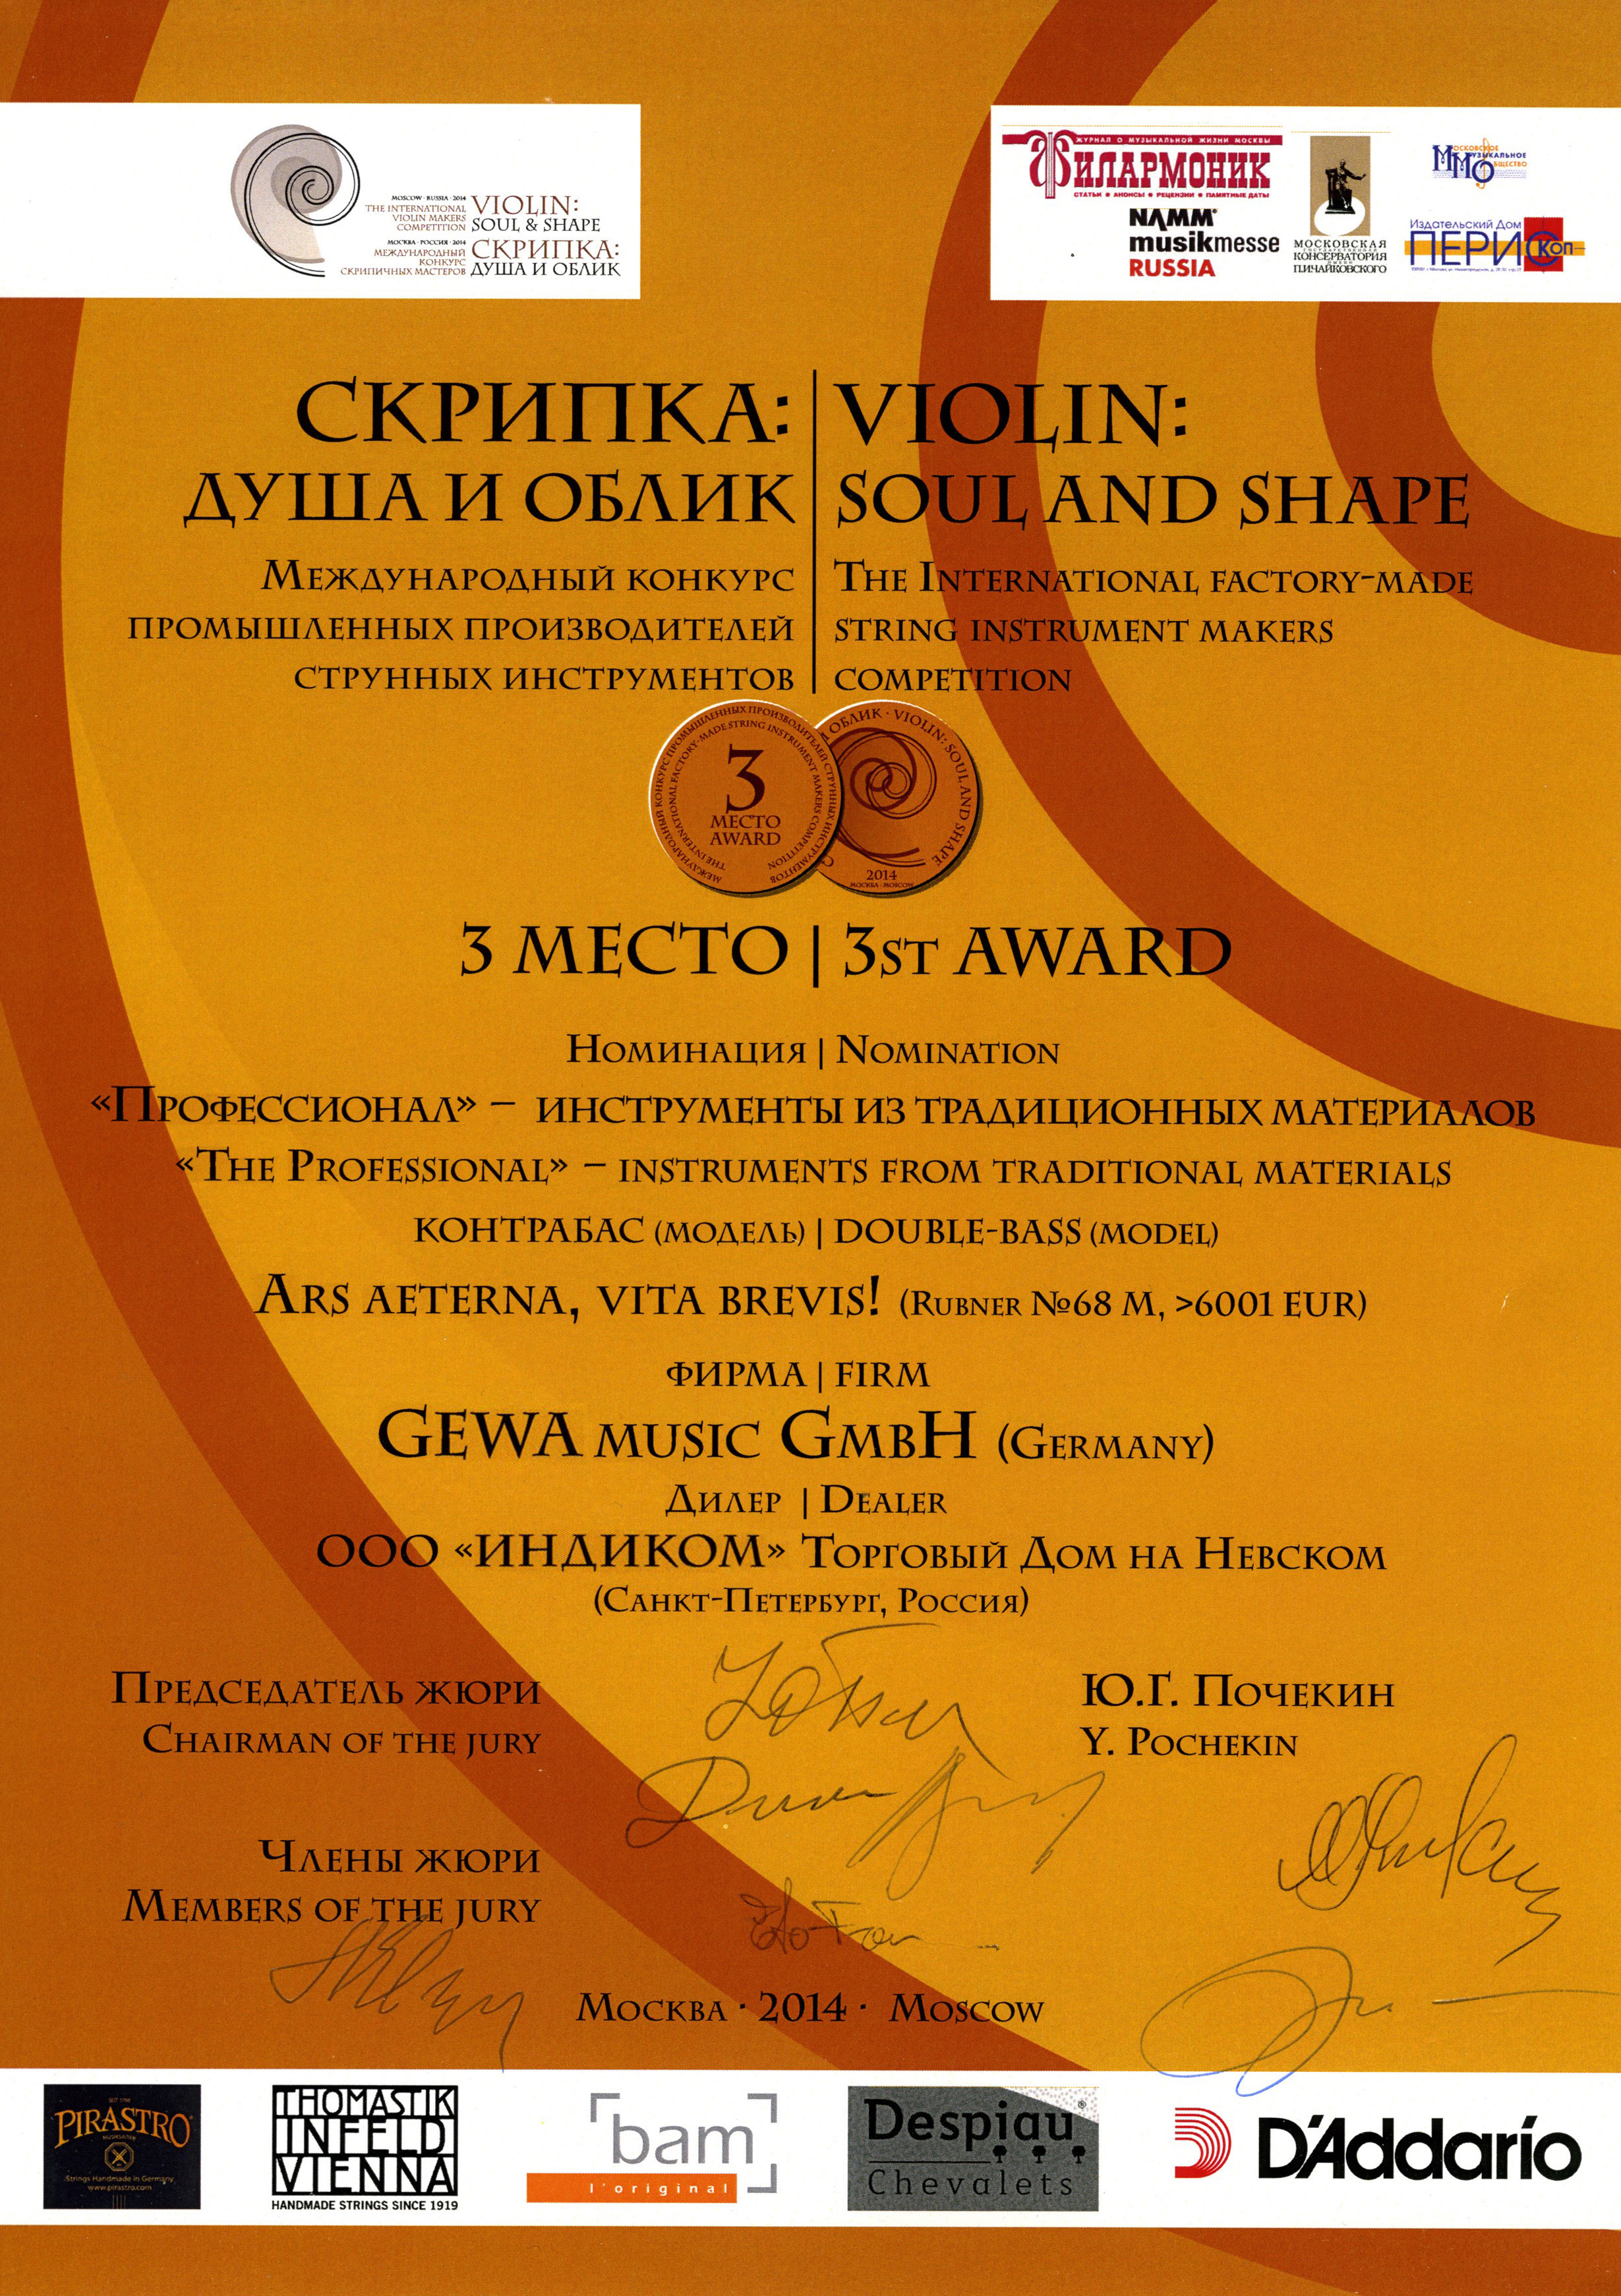 GEWA diplom Violin SaS_3 prize_02